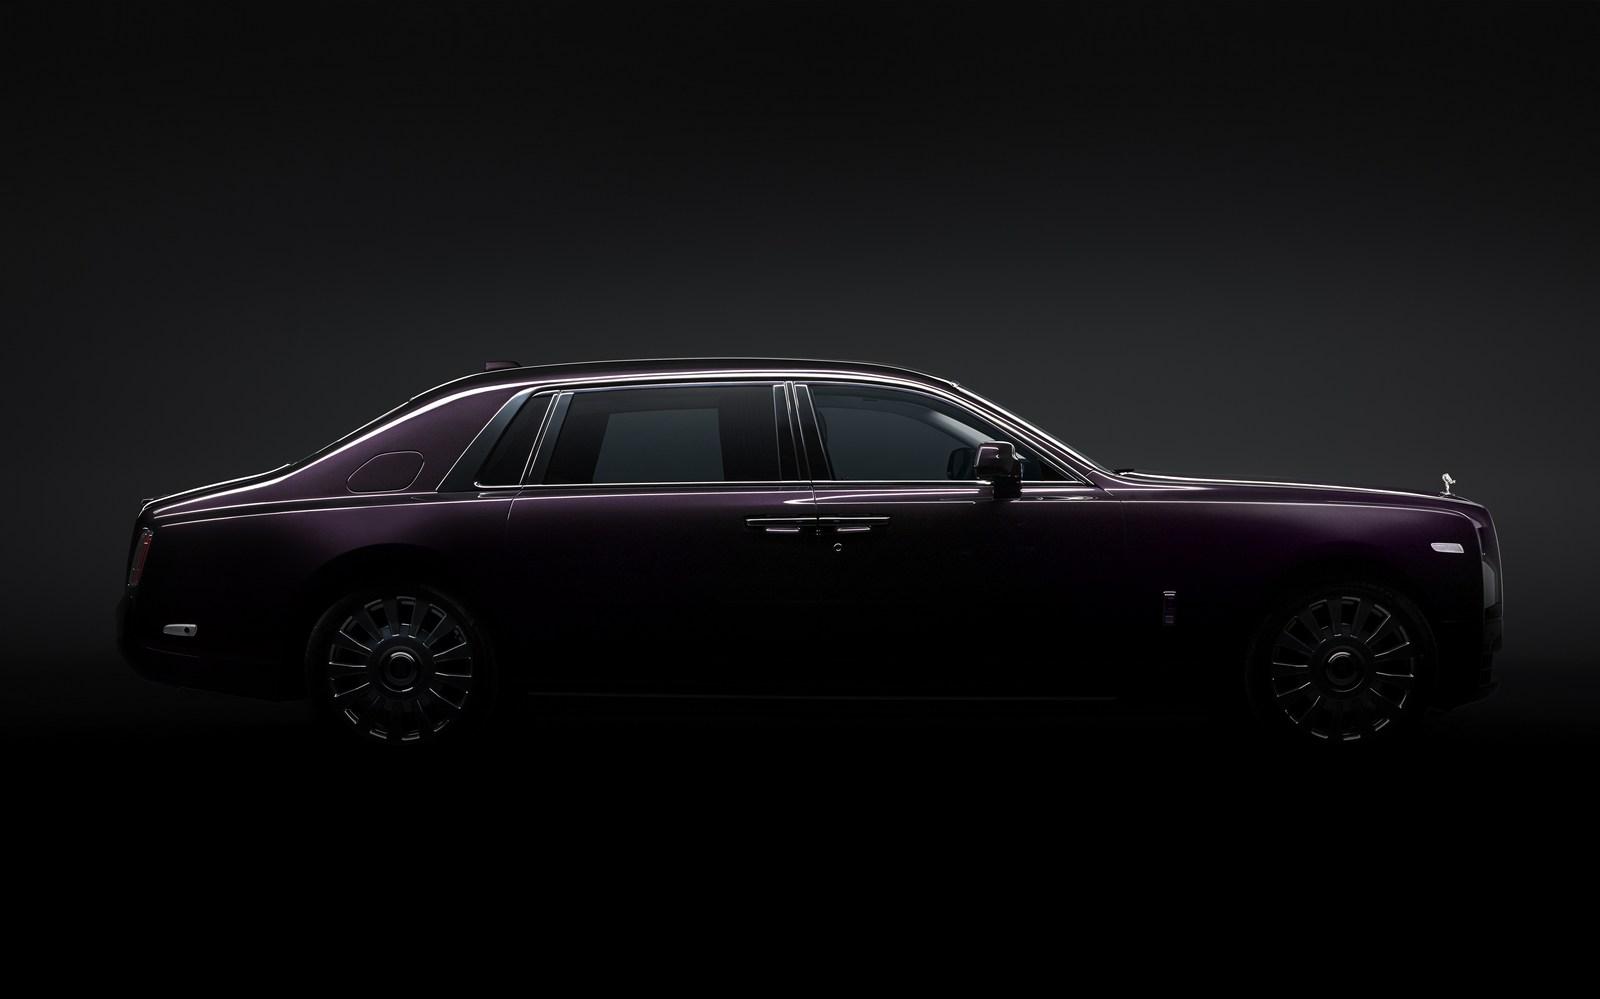 Phantom Car Wallpaper Rolls Royce Pickup Truck Rendering Is One Utilitarian